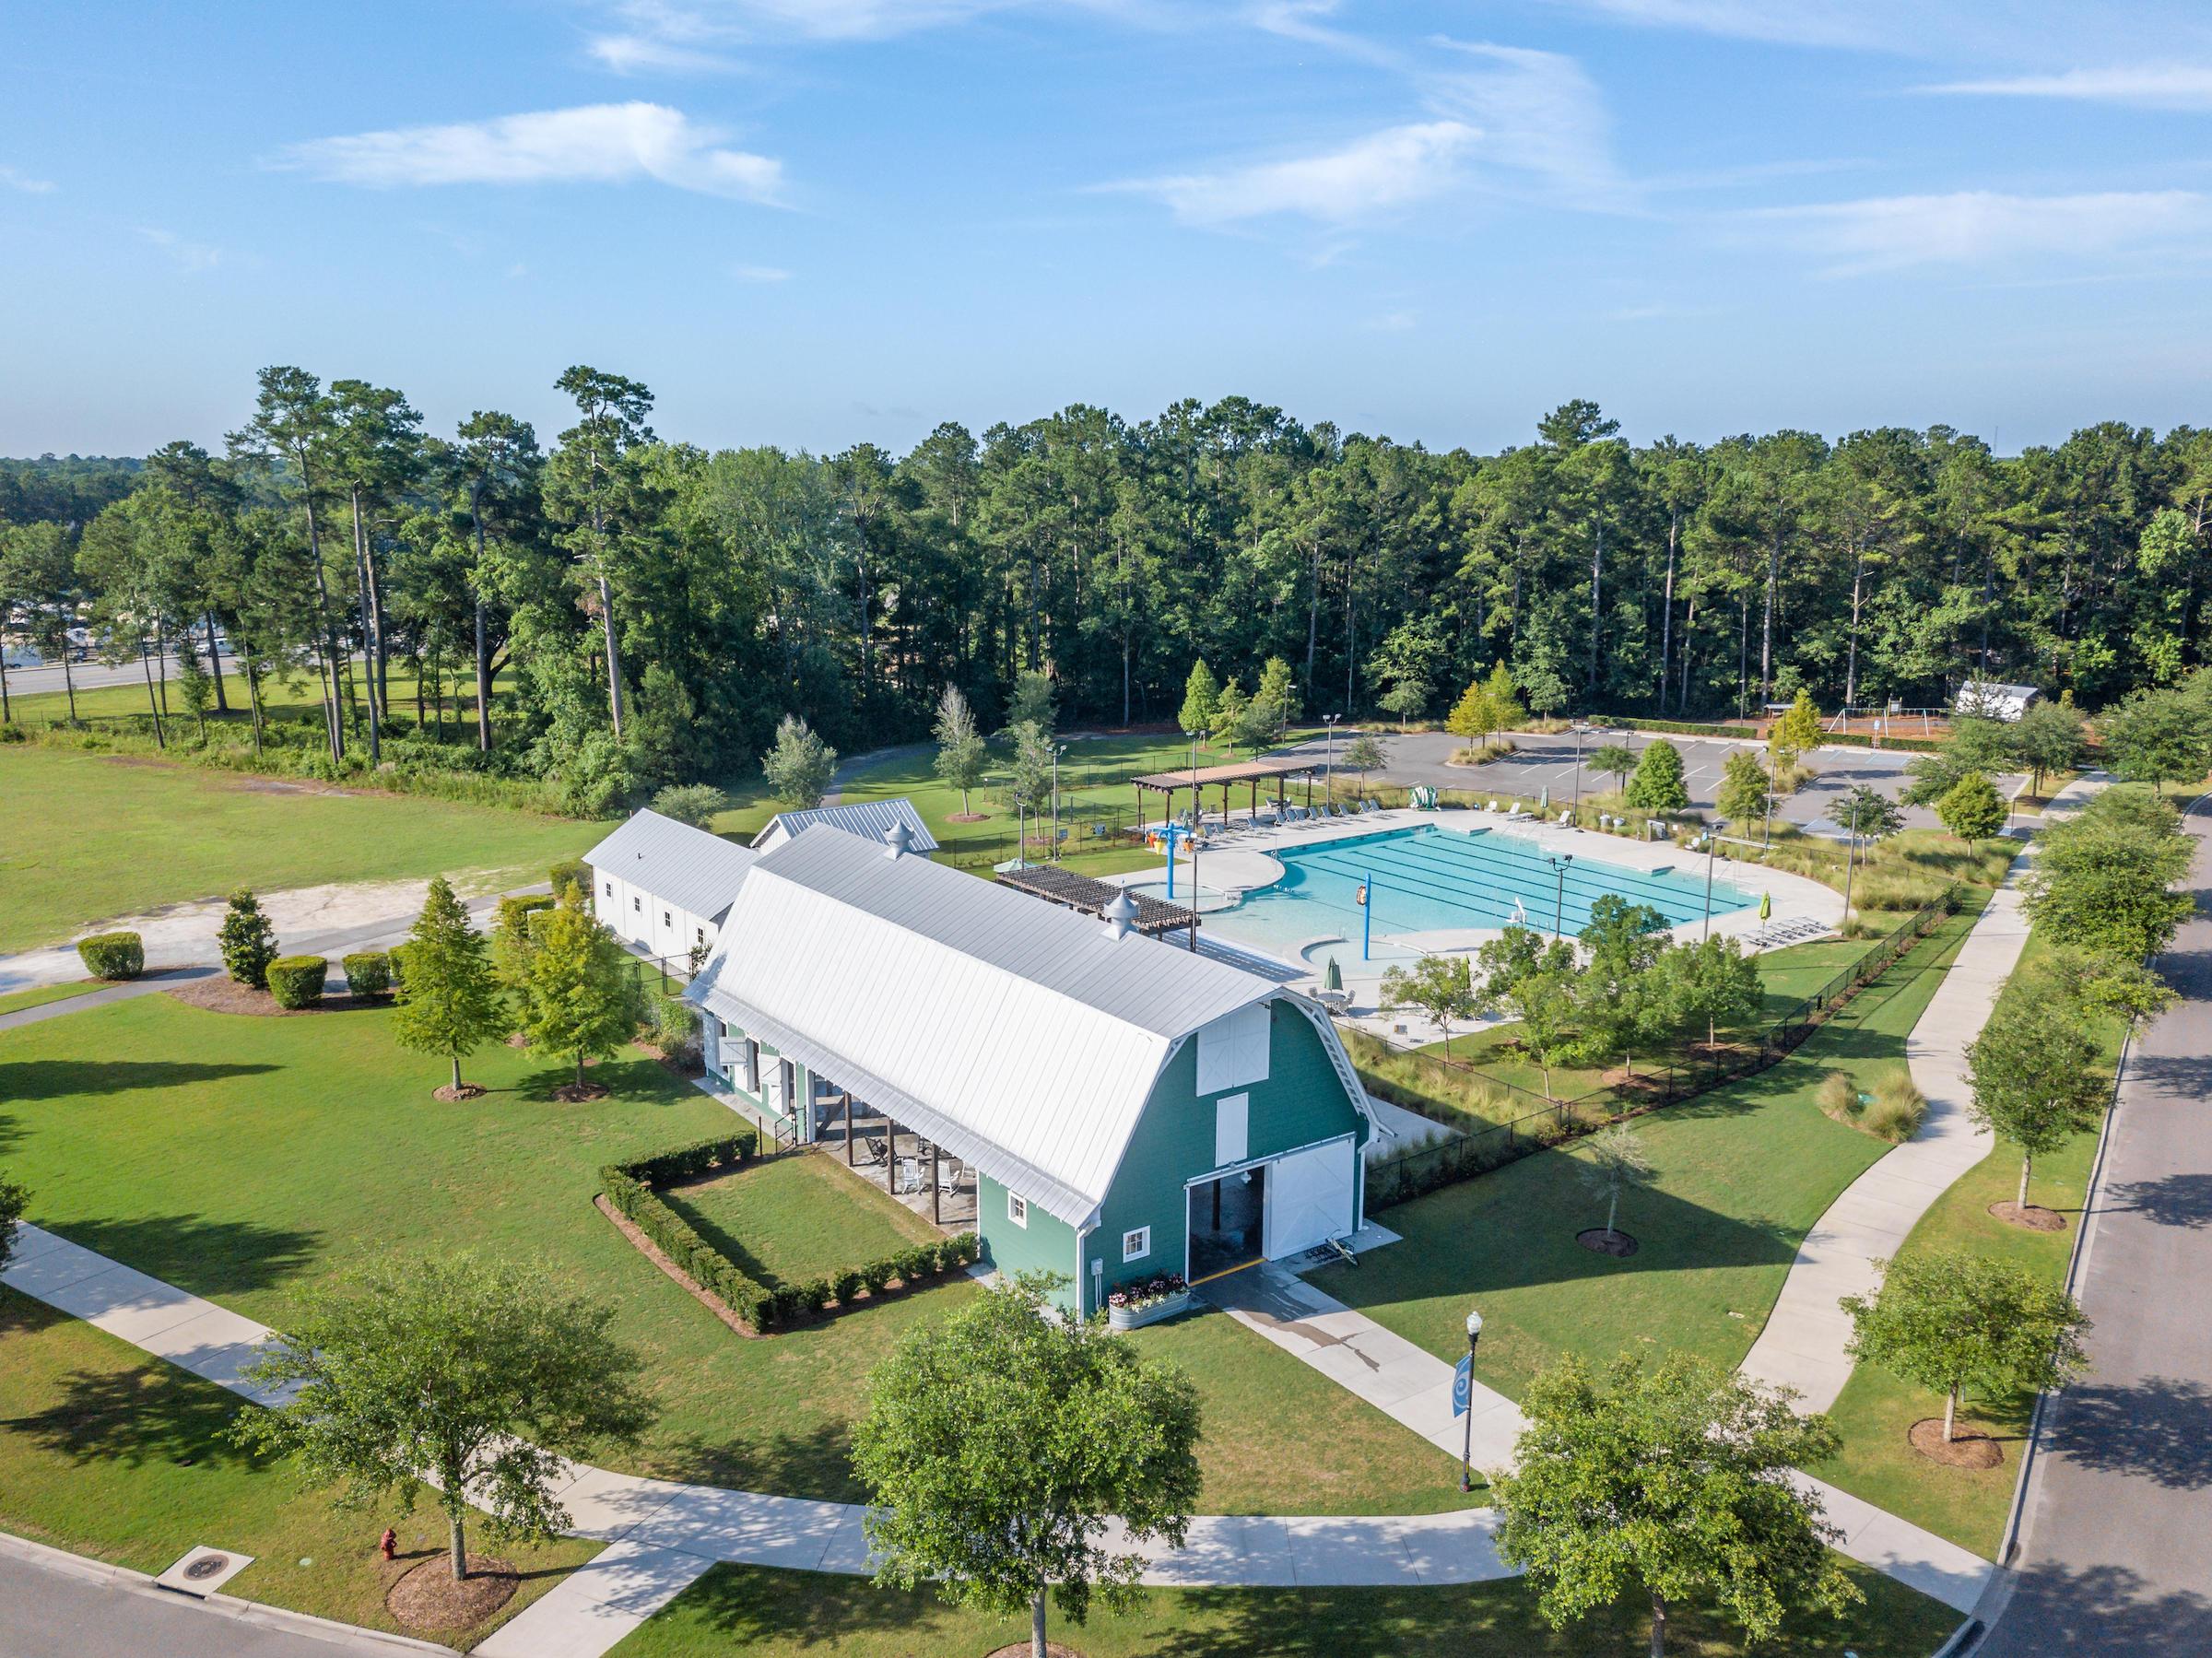 Carnes Crossroads Homes For Sale - 161 Hewitt, Summerville, SC - 29